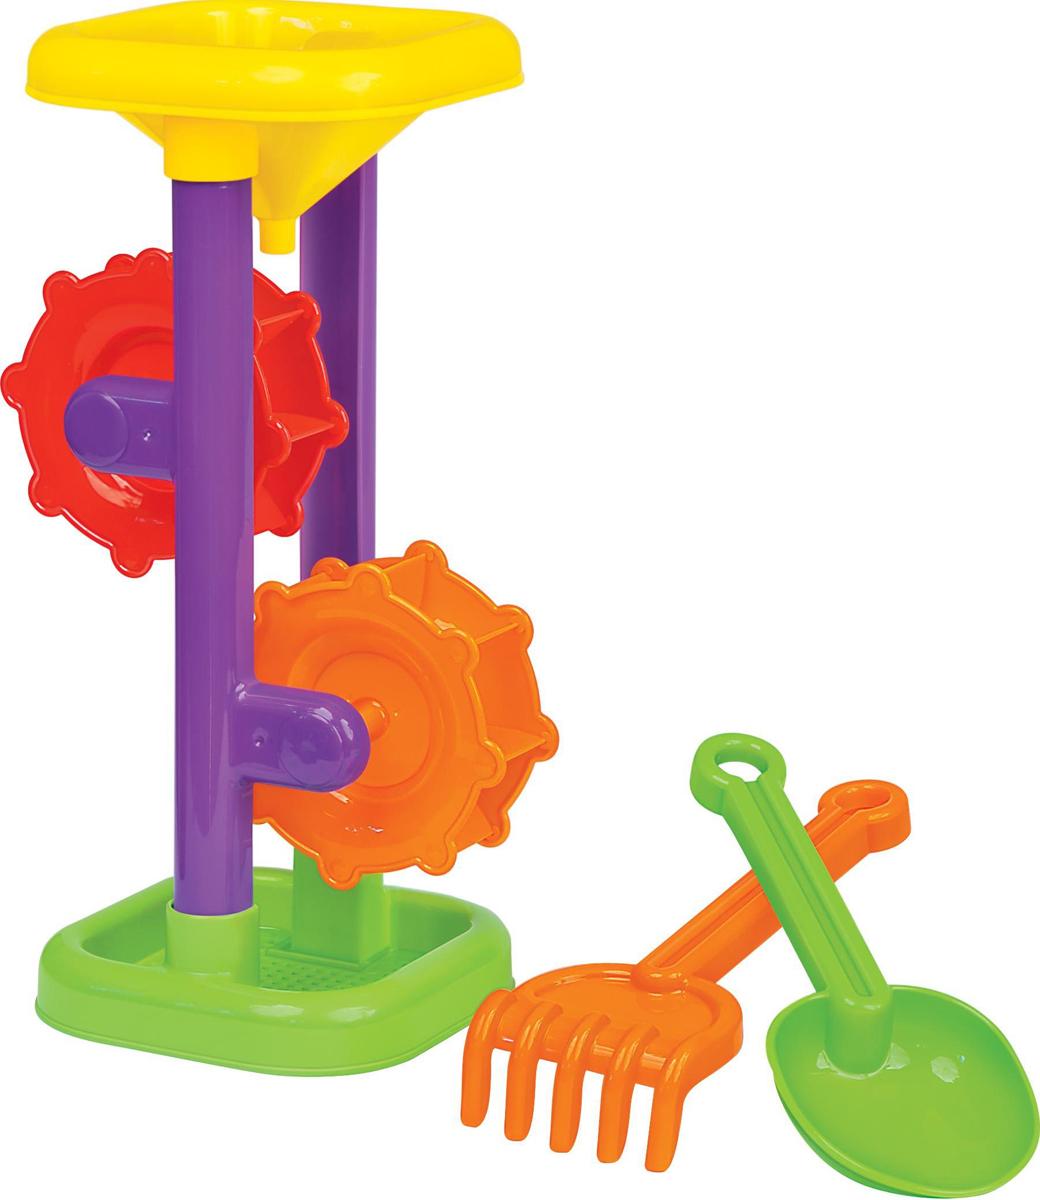 Фото - Полесье Набор игрушек для песочницы №281, цвет в ассортименте полесье набор игрушек для песочницы 281 цвет в ассортименте